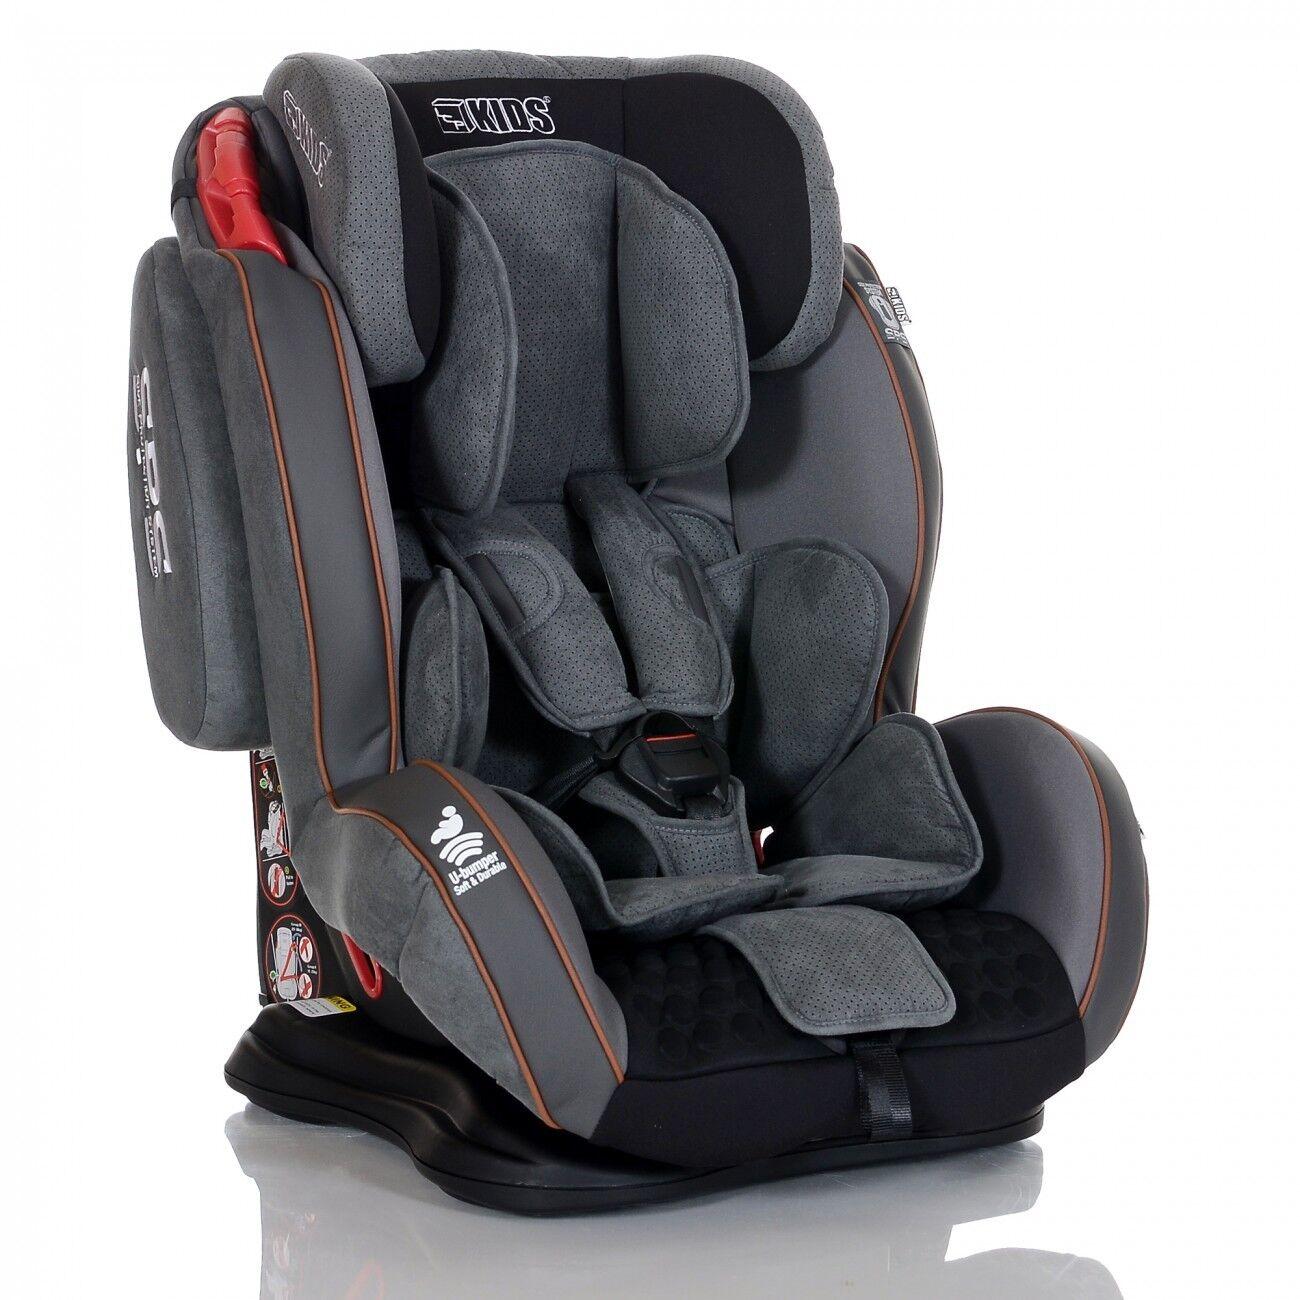 Lcp Kids Autokindersitz GT 9-36 kg Kinderautositz Gruppe 1 2 3 Schlafposition